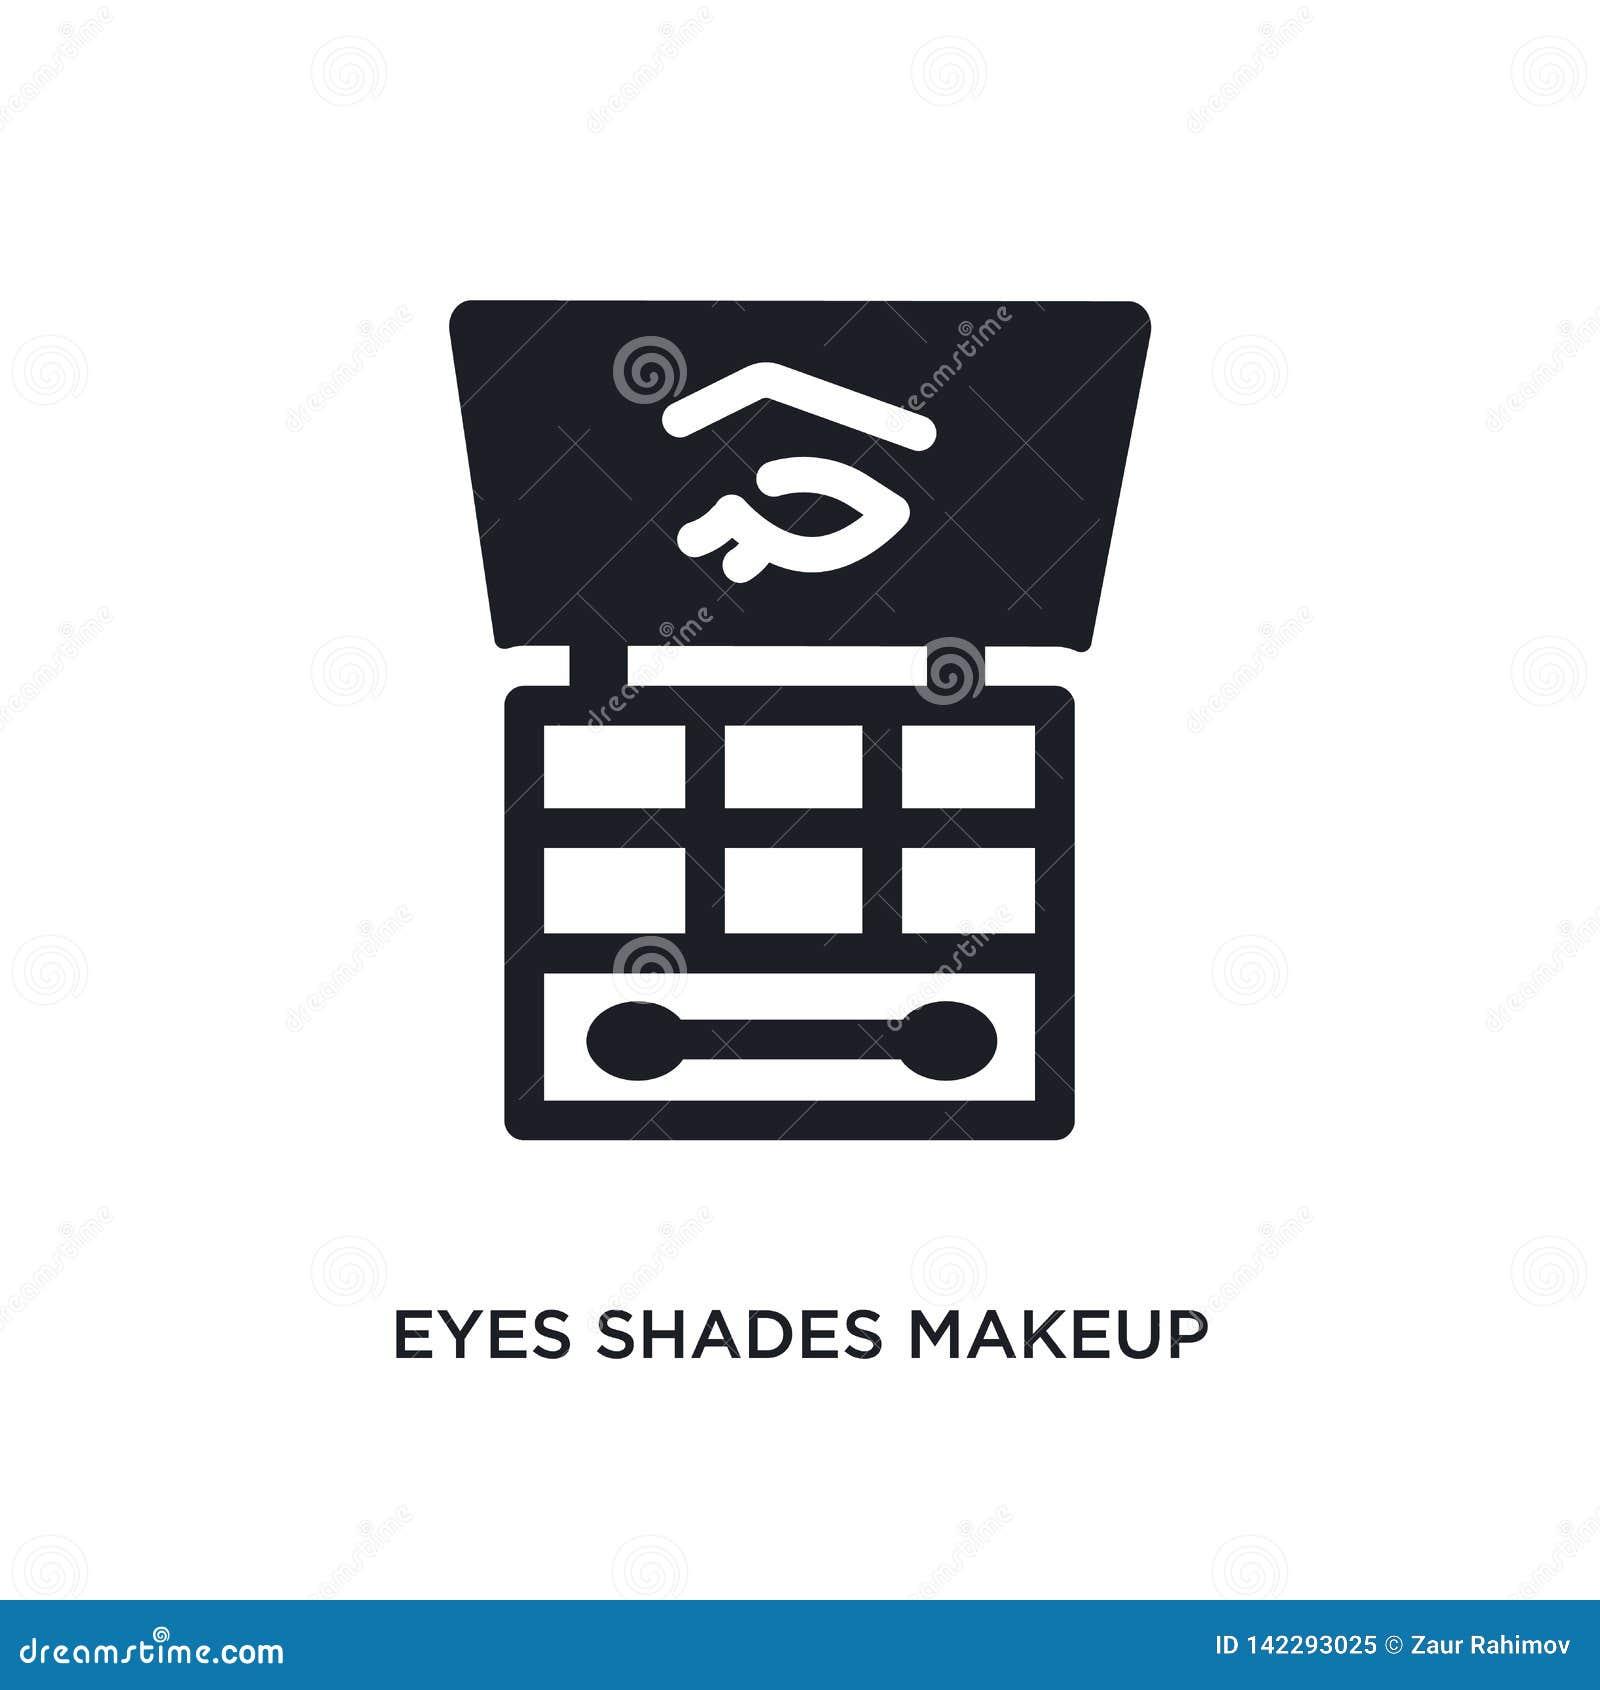 Oko cieni makeup odosobniona ikona prosta element ilustracja od kobiety pojęcia ubraniowych ikon oko cieni makeup editable logo